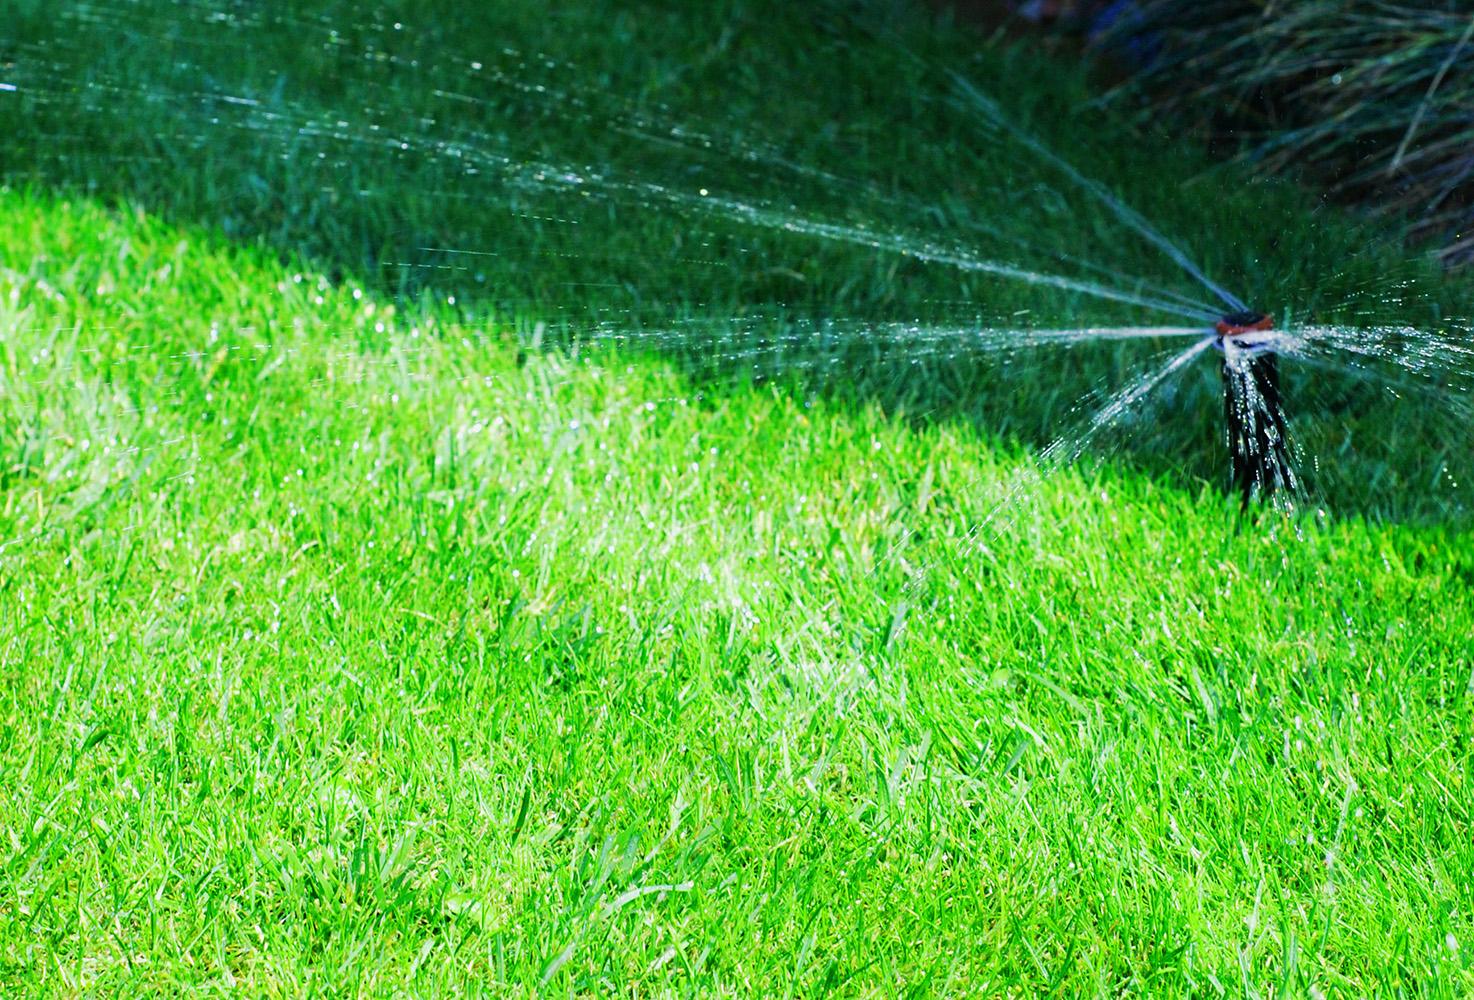 Dobry Ogród Systemy automatycznego nawadniania